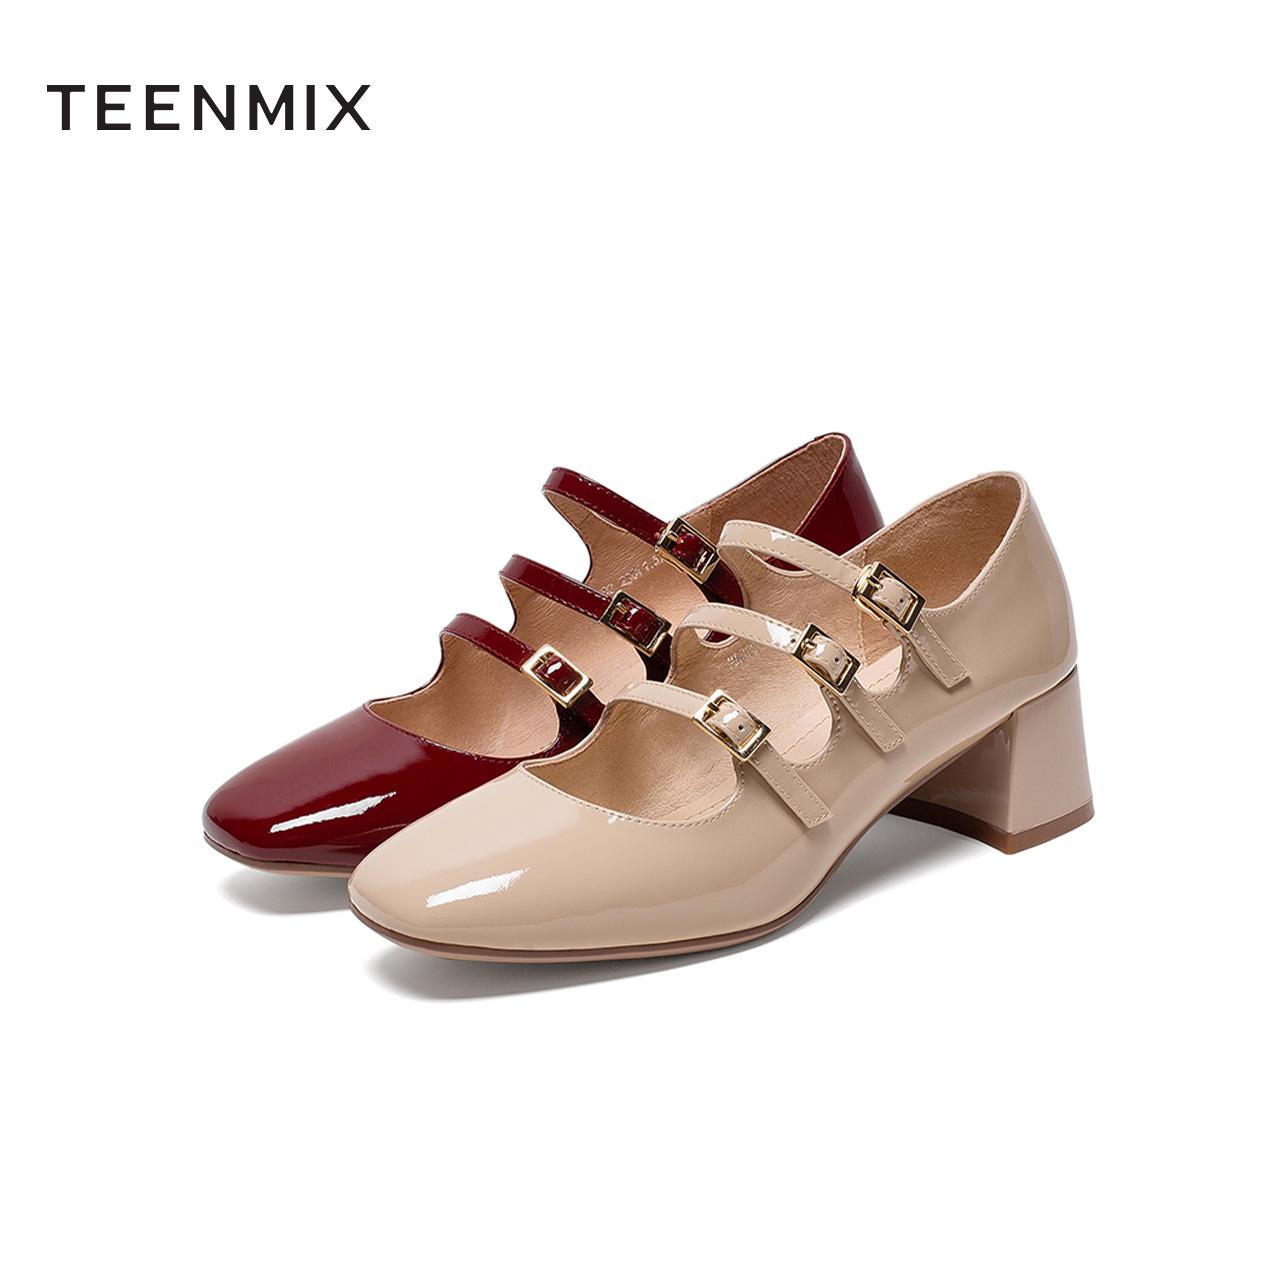 MLZ02CQ0 秋新款复古粗跟玛丽珍鞋女红色包头单鞋皮鞋 2020 天美意